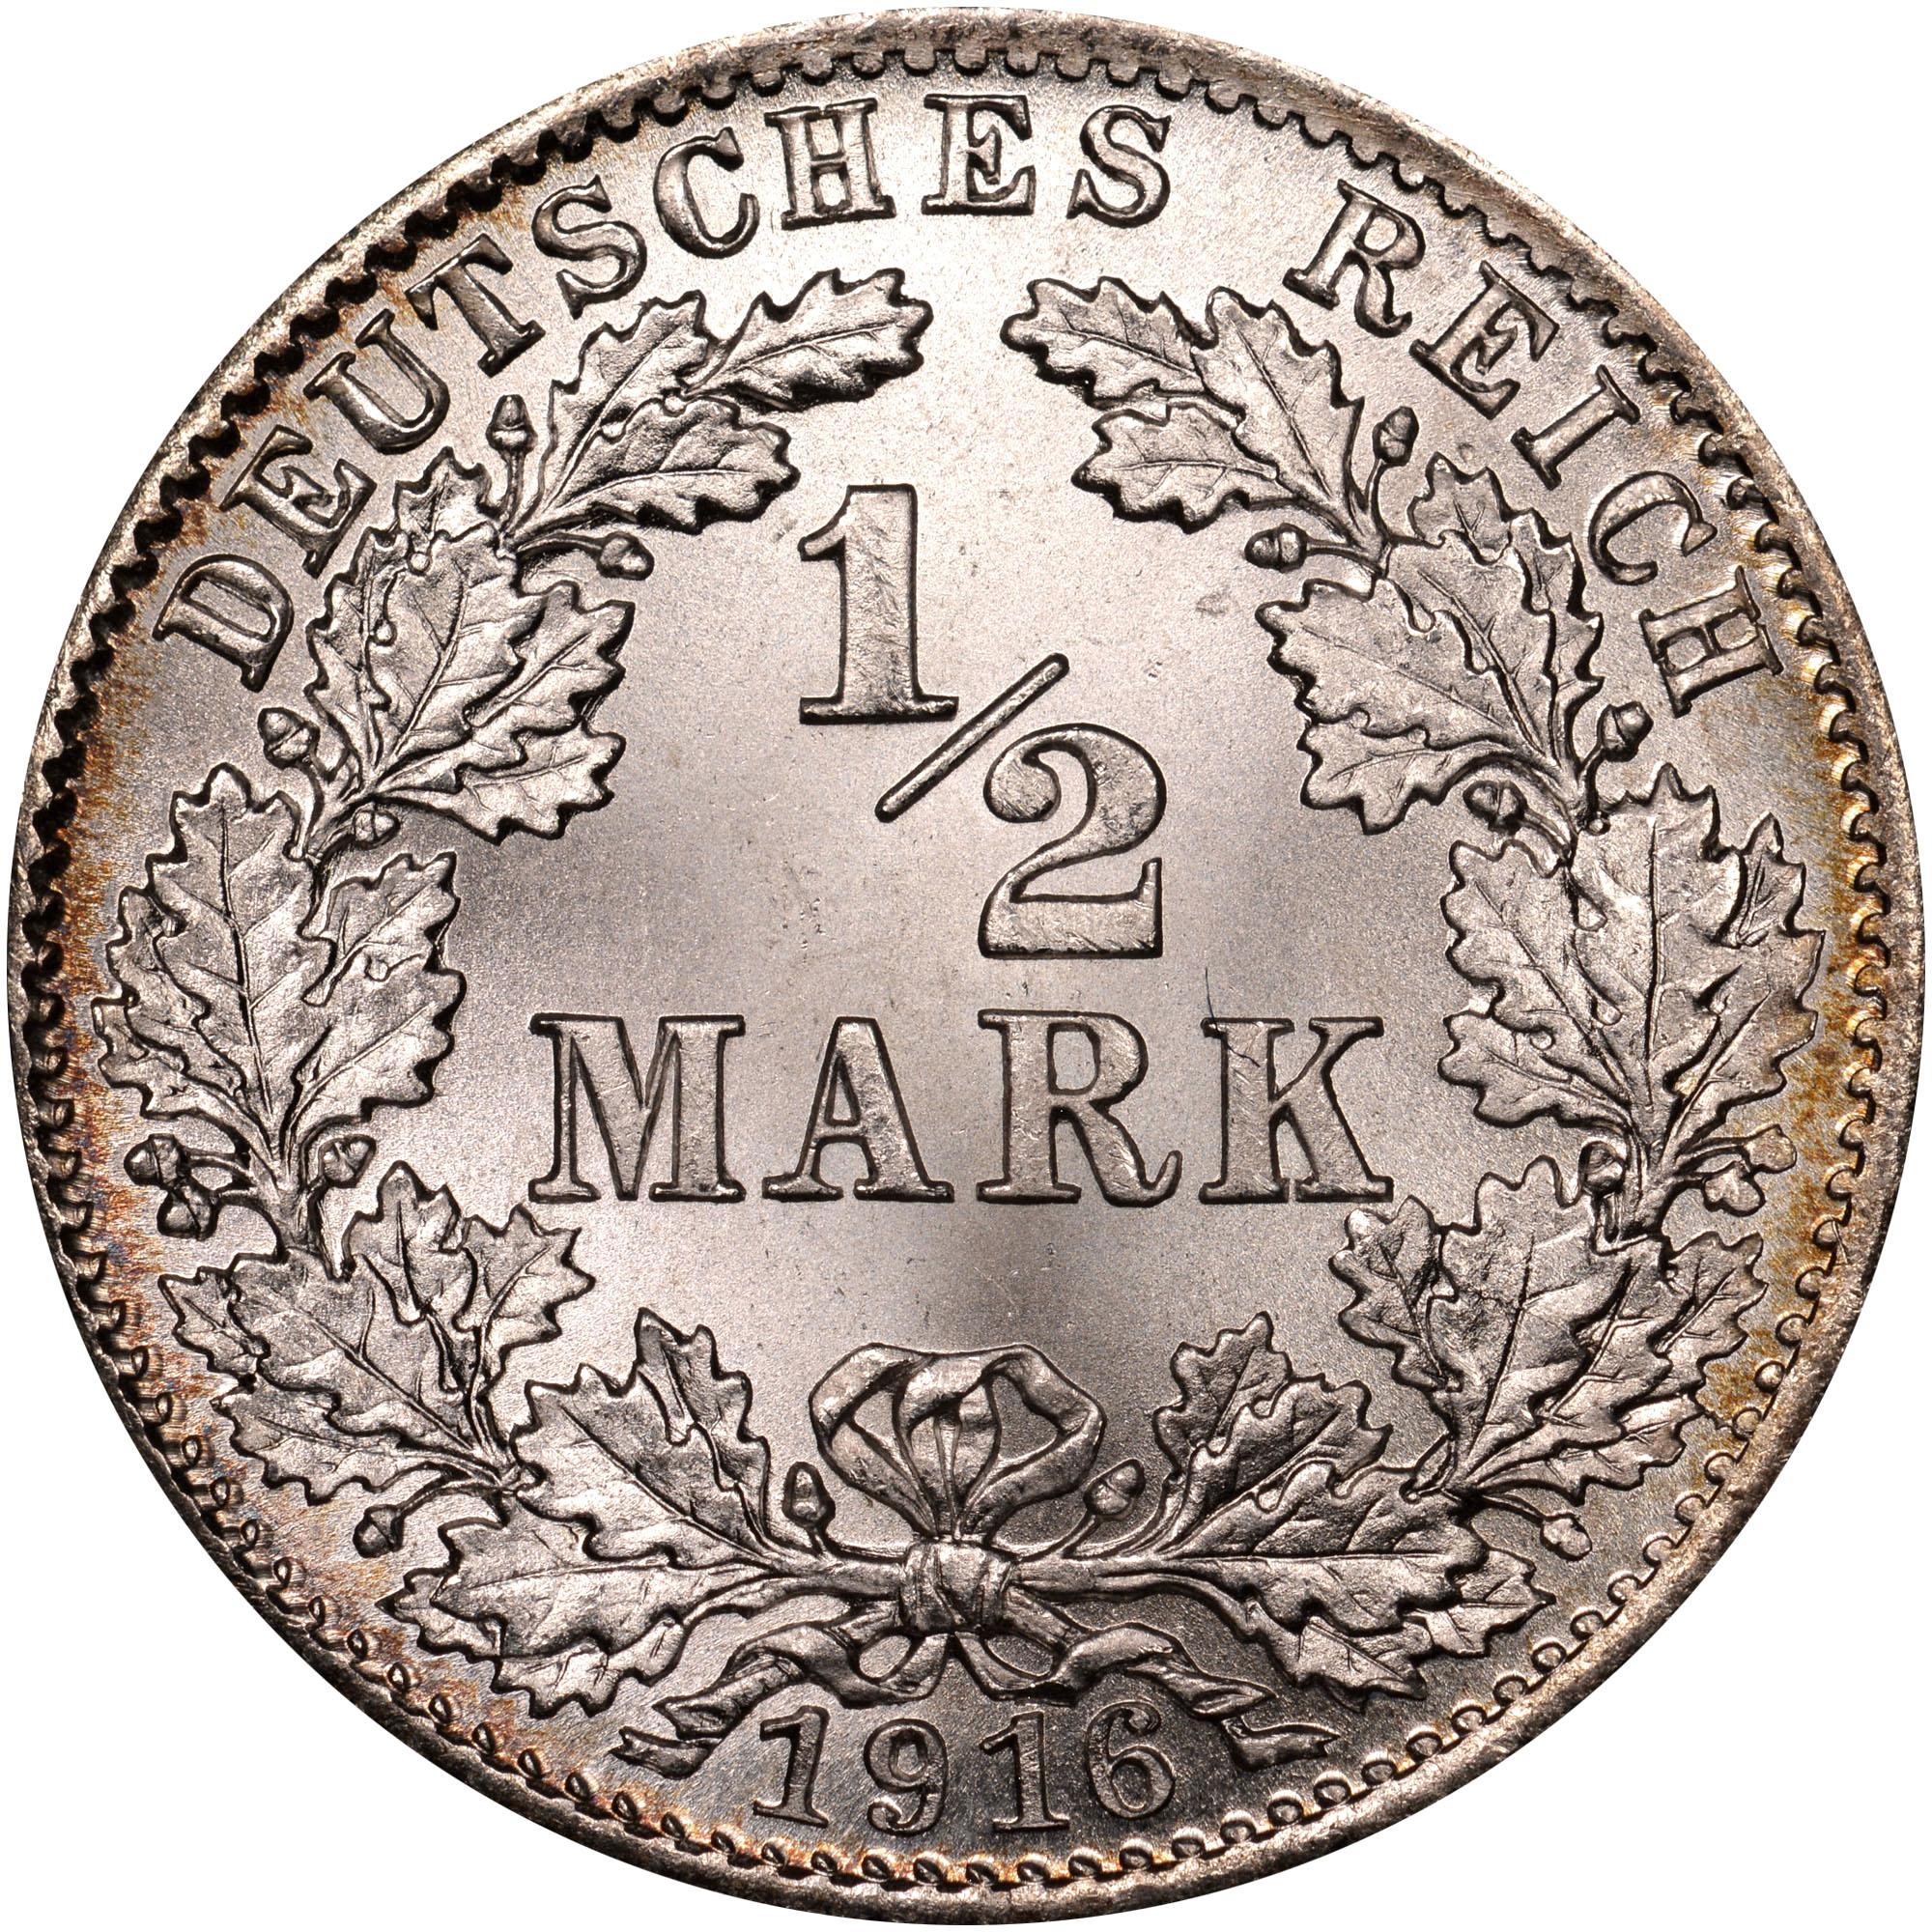 1808/7-1919/1619 Germany - Empire 1/2 Mark obverse